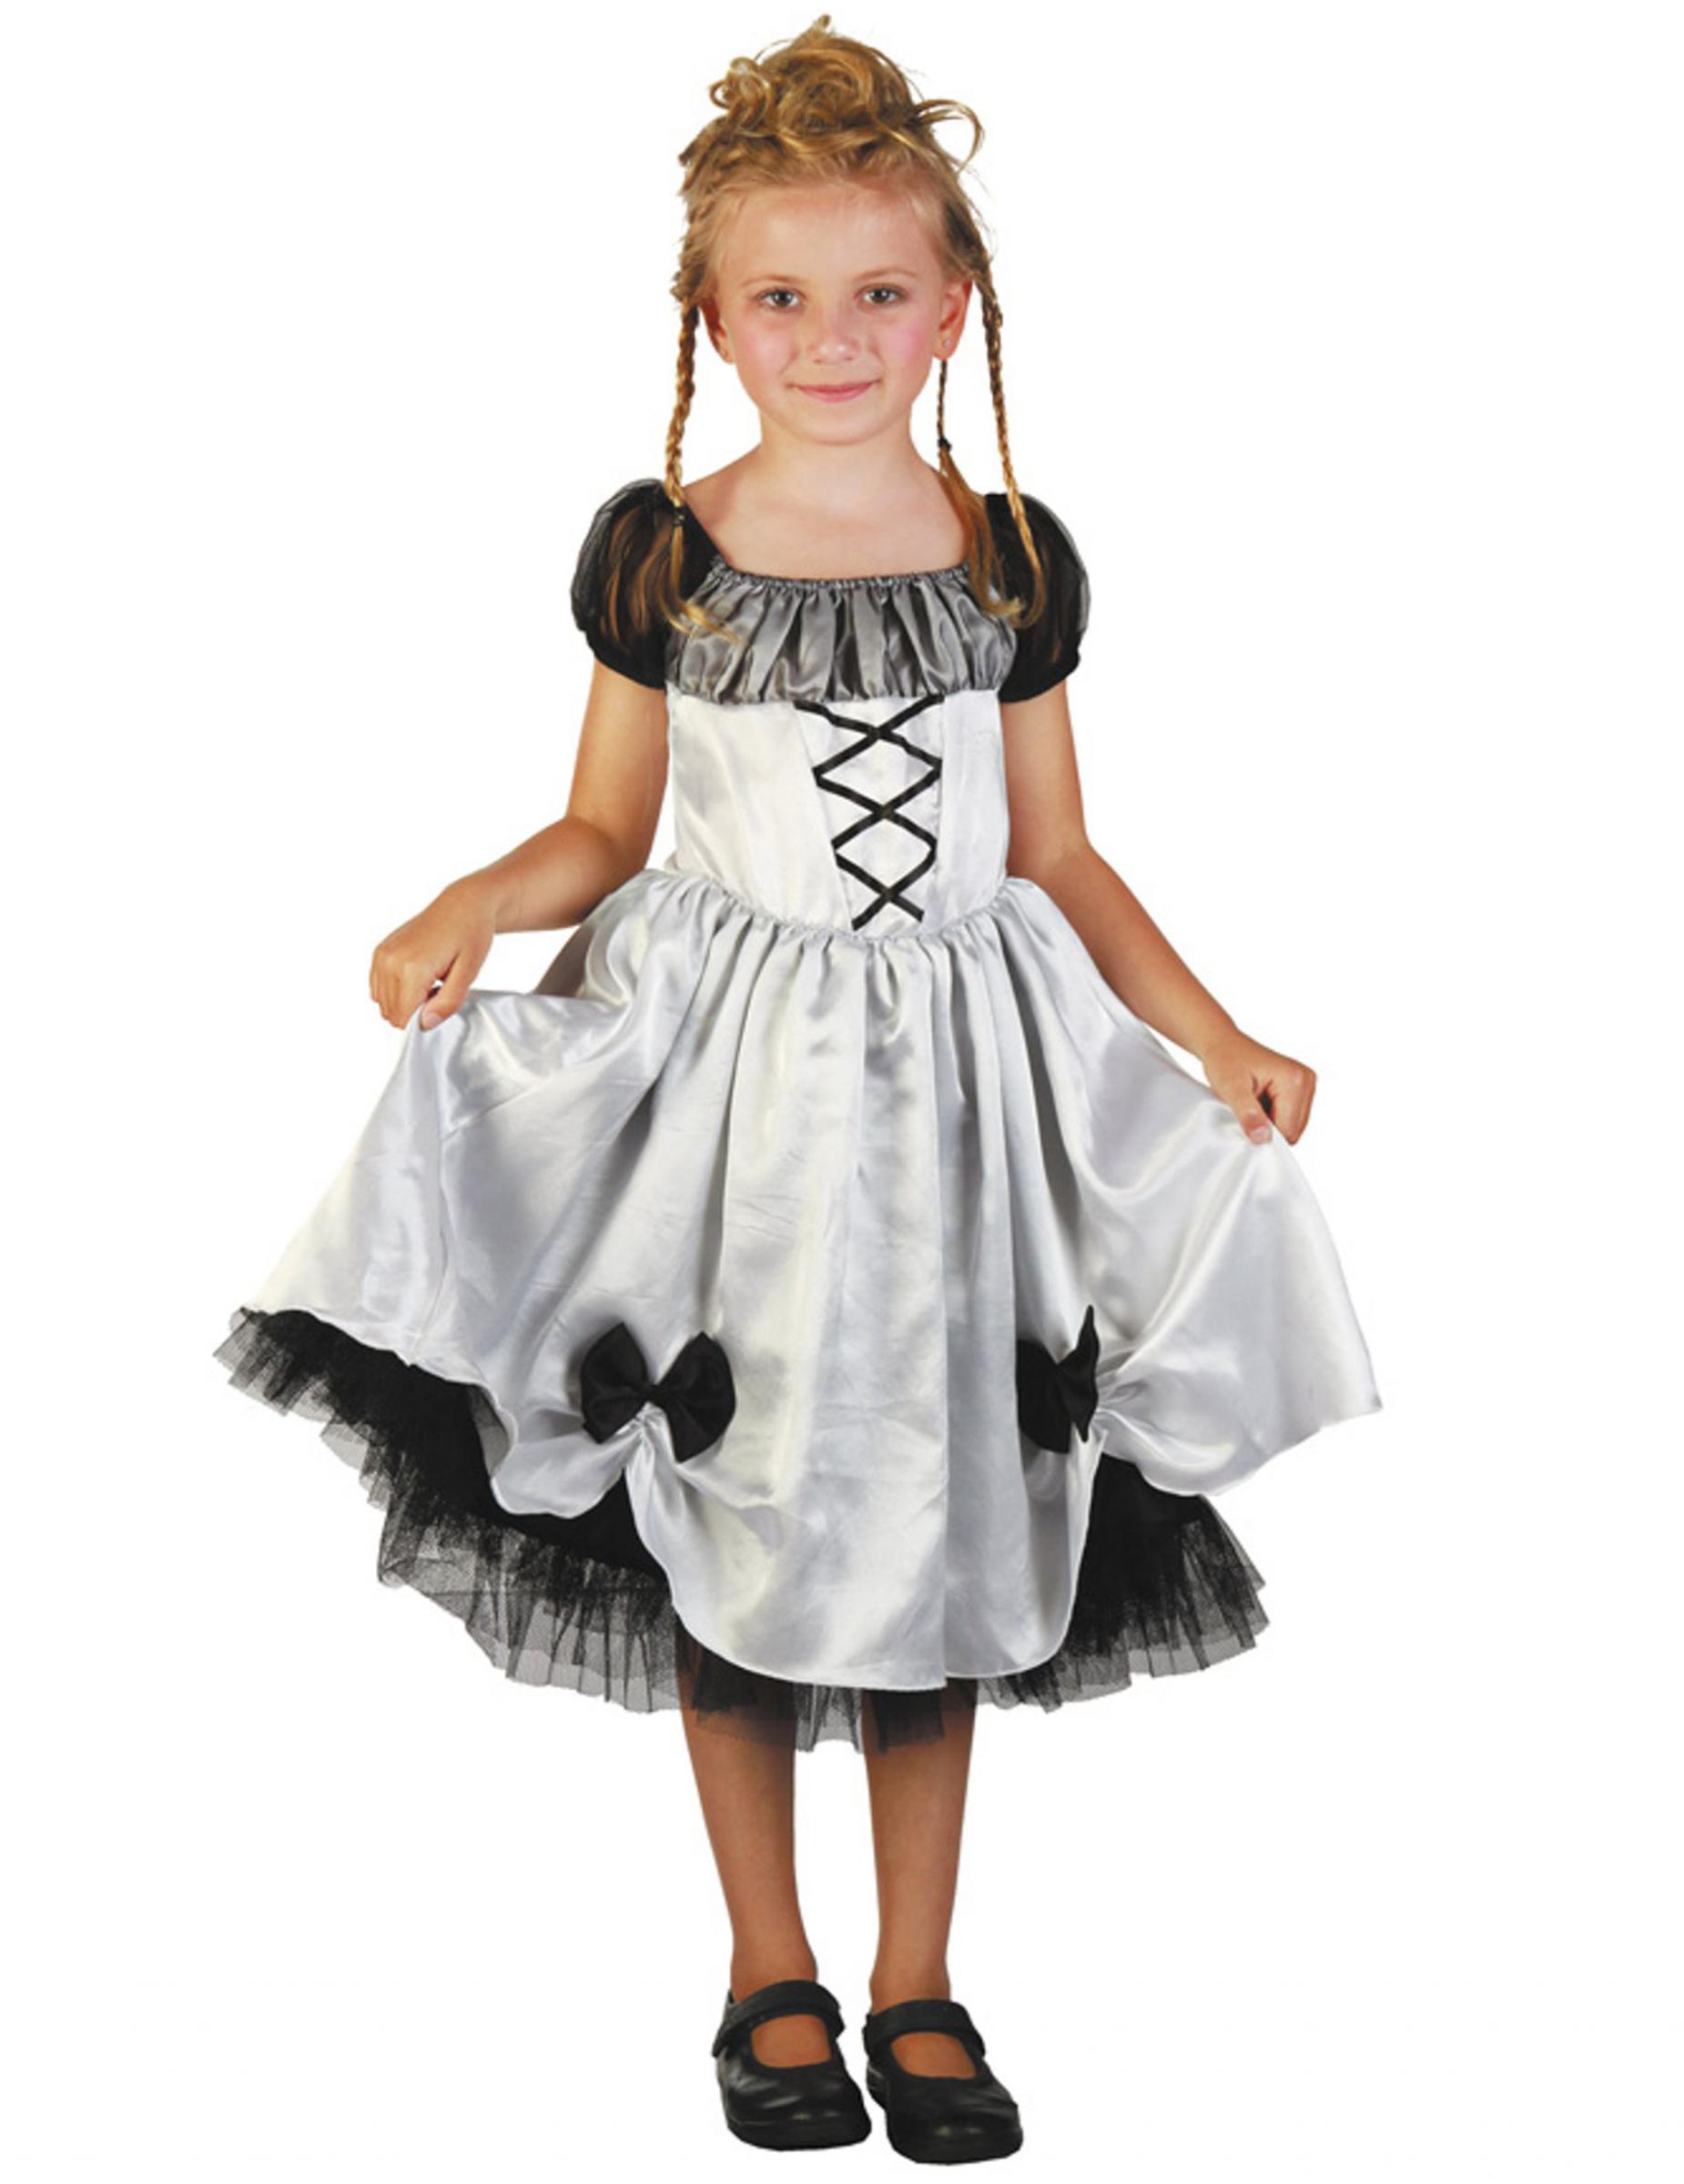 Gute Preise exklusives Sortiment Entdecken Gothic-Kinderkostüm für Halloween weiss-schwarz